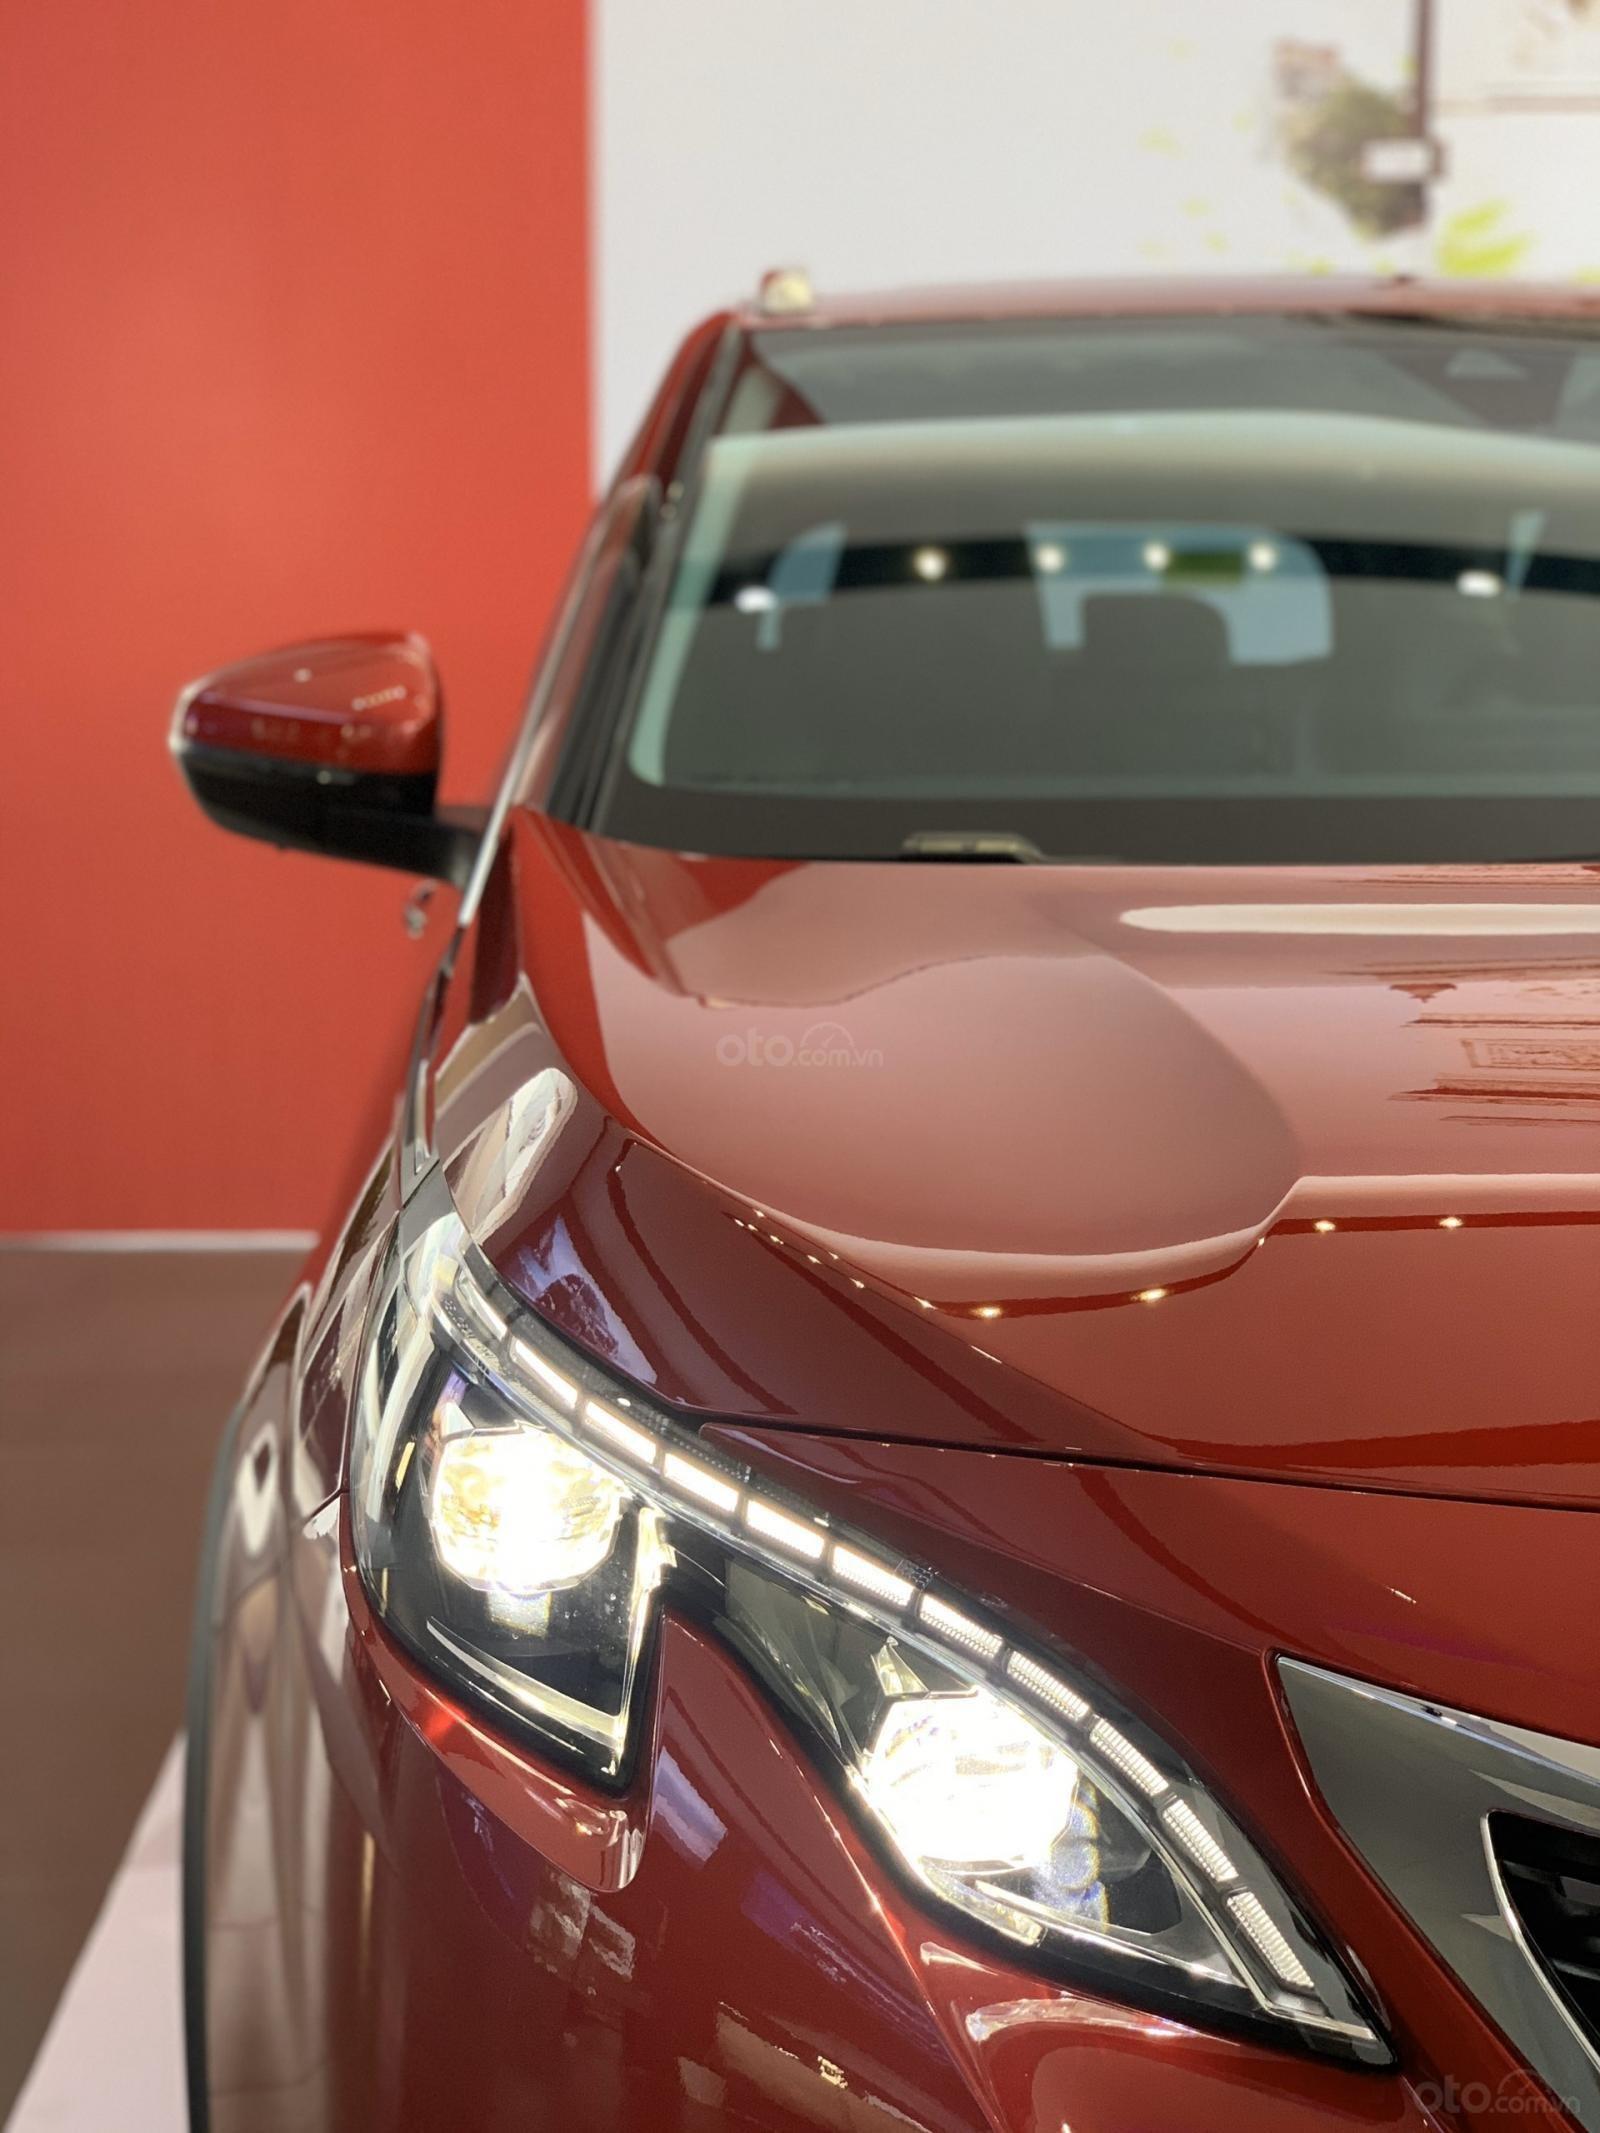 Cần bán nhanh chiếc xe Peugeot 5008 năm 2019, màu đỏ - Có sẵn xe - Giao nhanh toàn quốc (8)